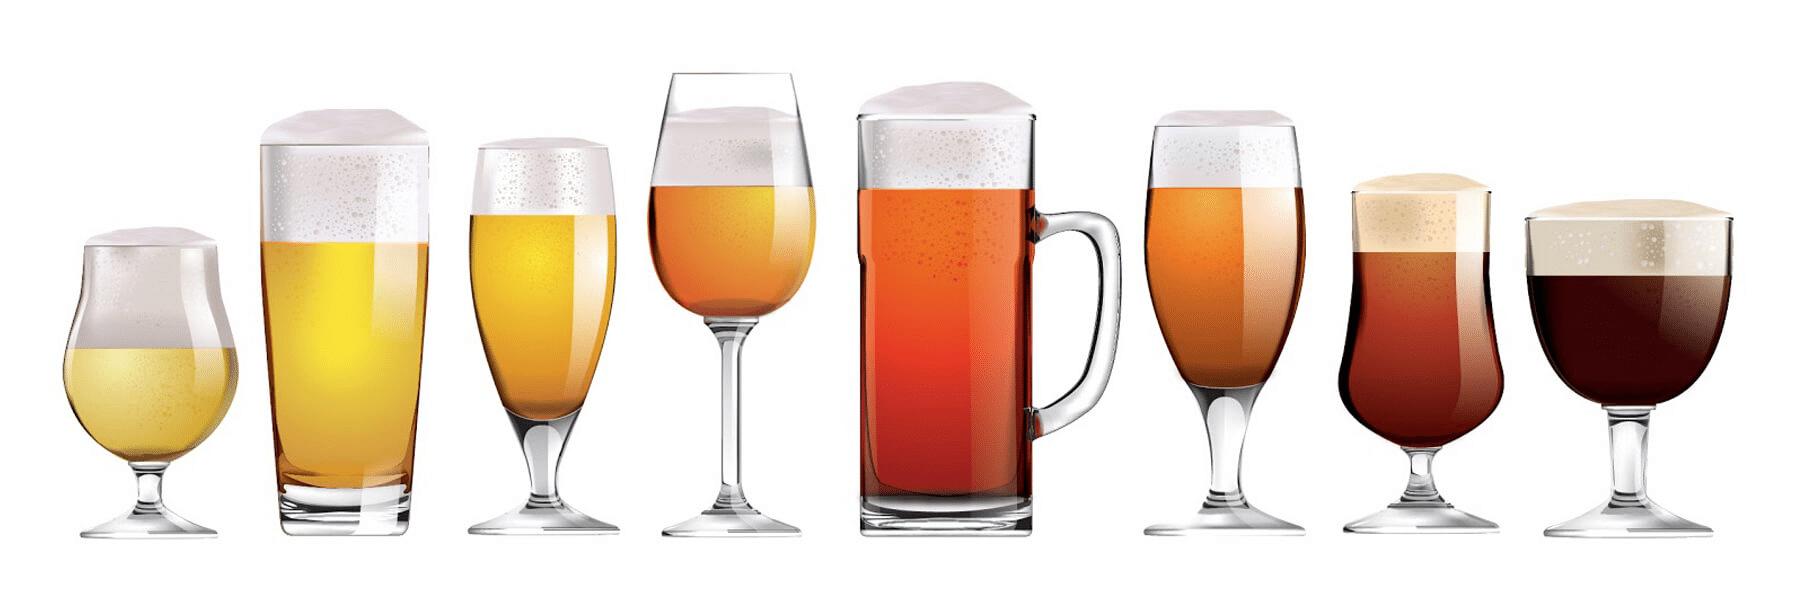 Verres à bières